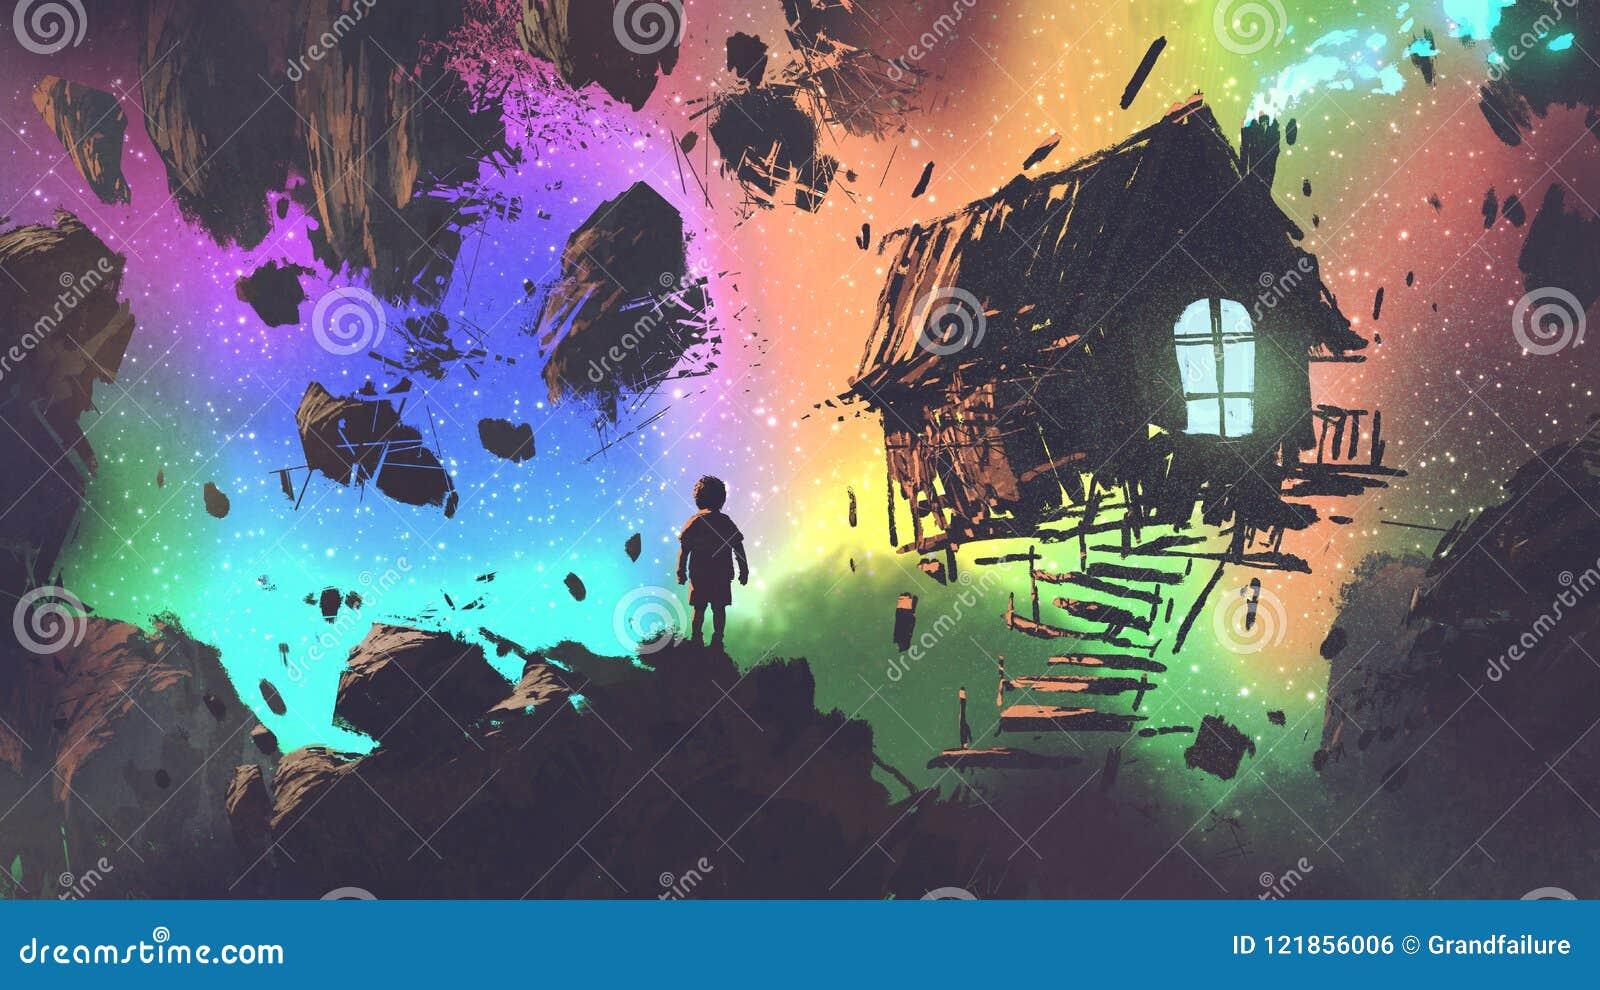 El muchacho y una casa en un lugar extraño